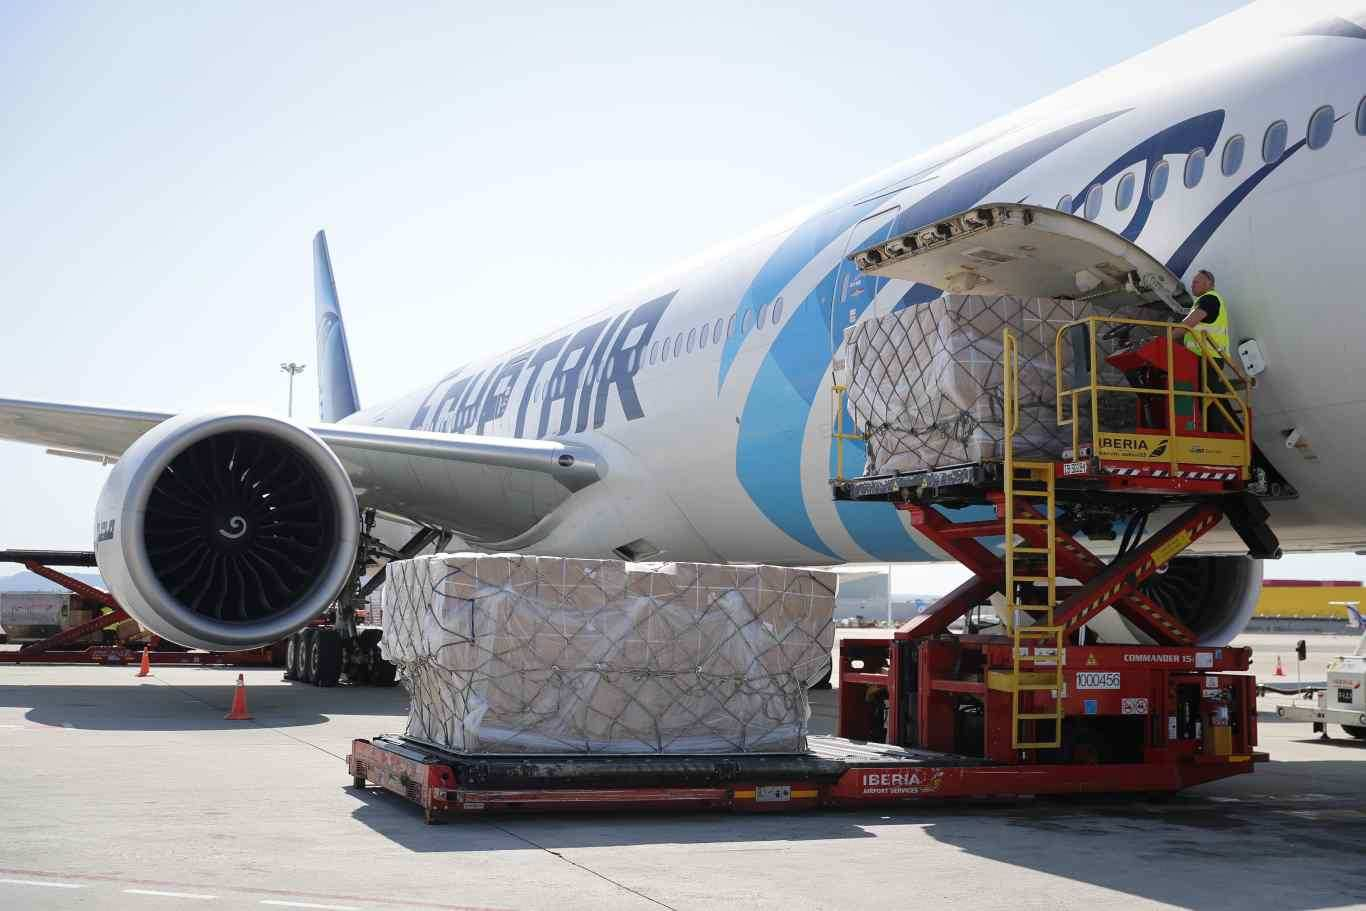 La llegada de un tercer avión a Barajas supera las 1.000 toneladas ...